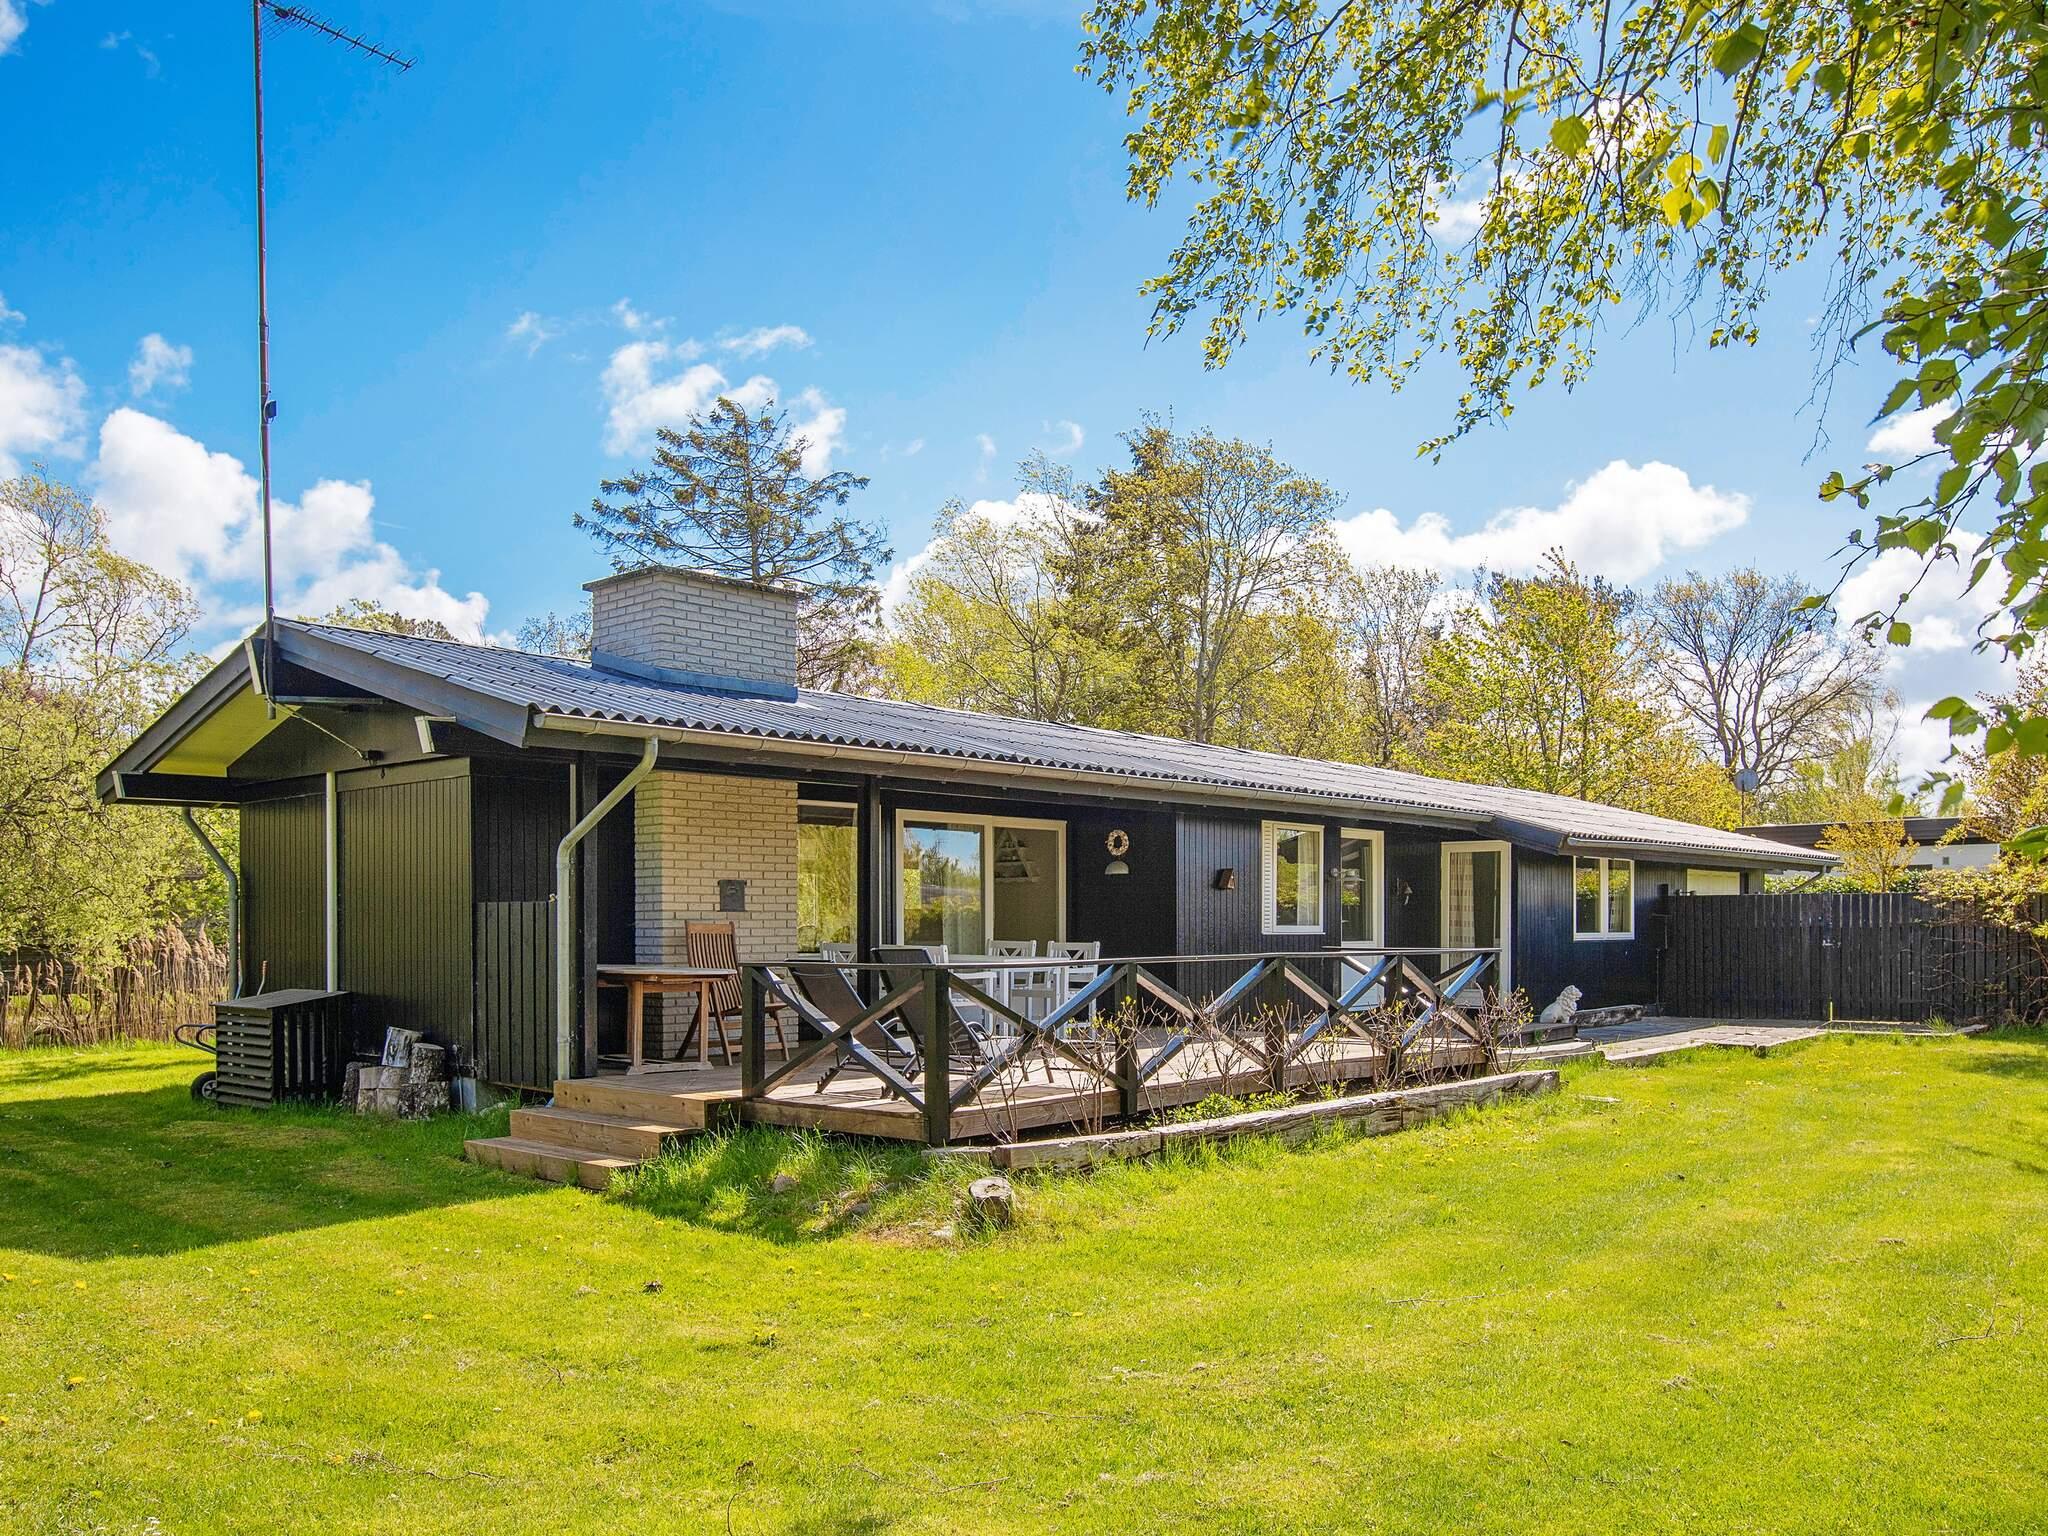 Ferienhaus Udsholt Strand (2584321), Udsholt, , Nordseeland, Dänemark, Bild 10